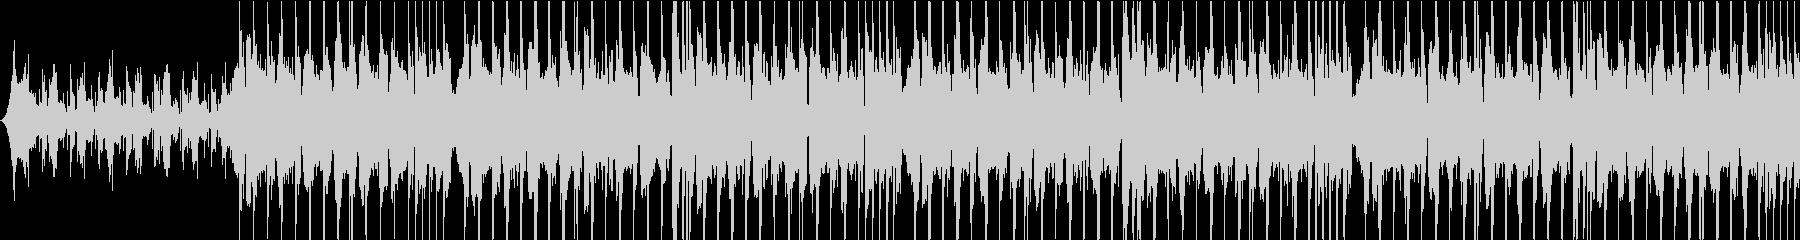 最先端テクノロジー感のあるサウンドロゴの未再生の波形